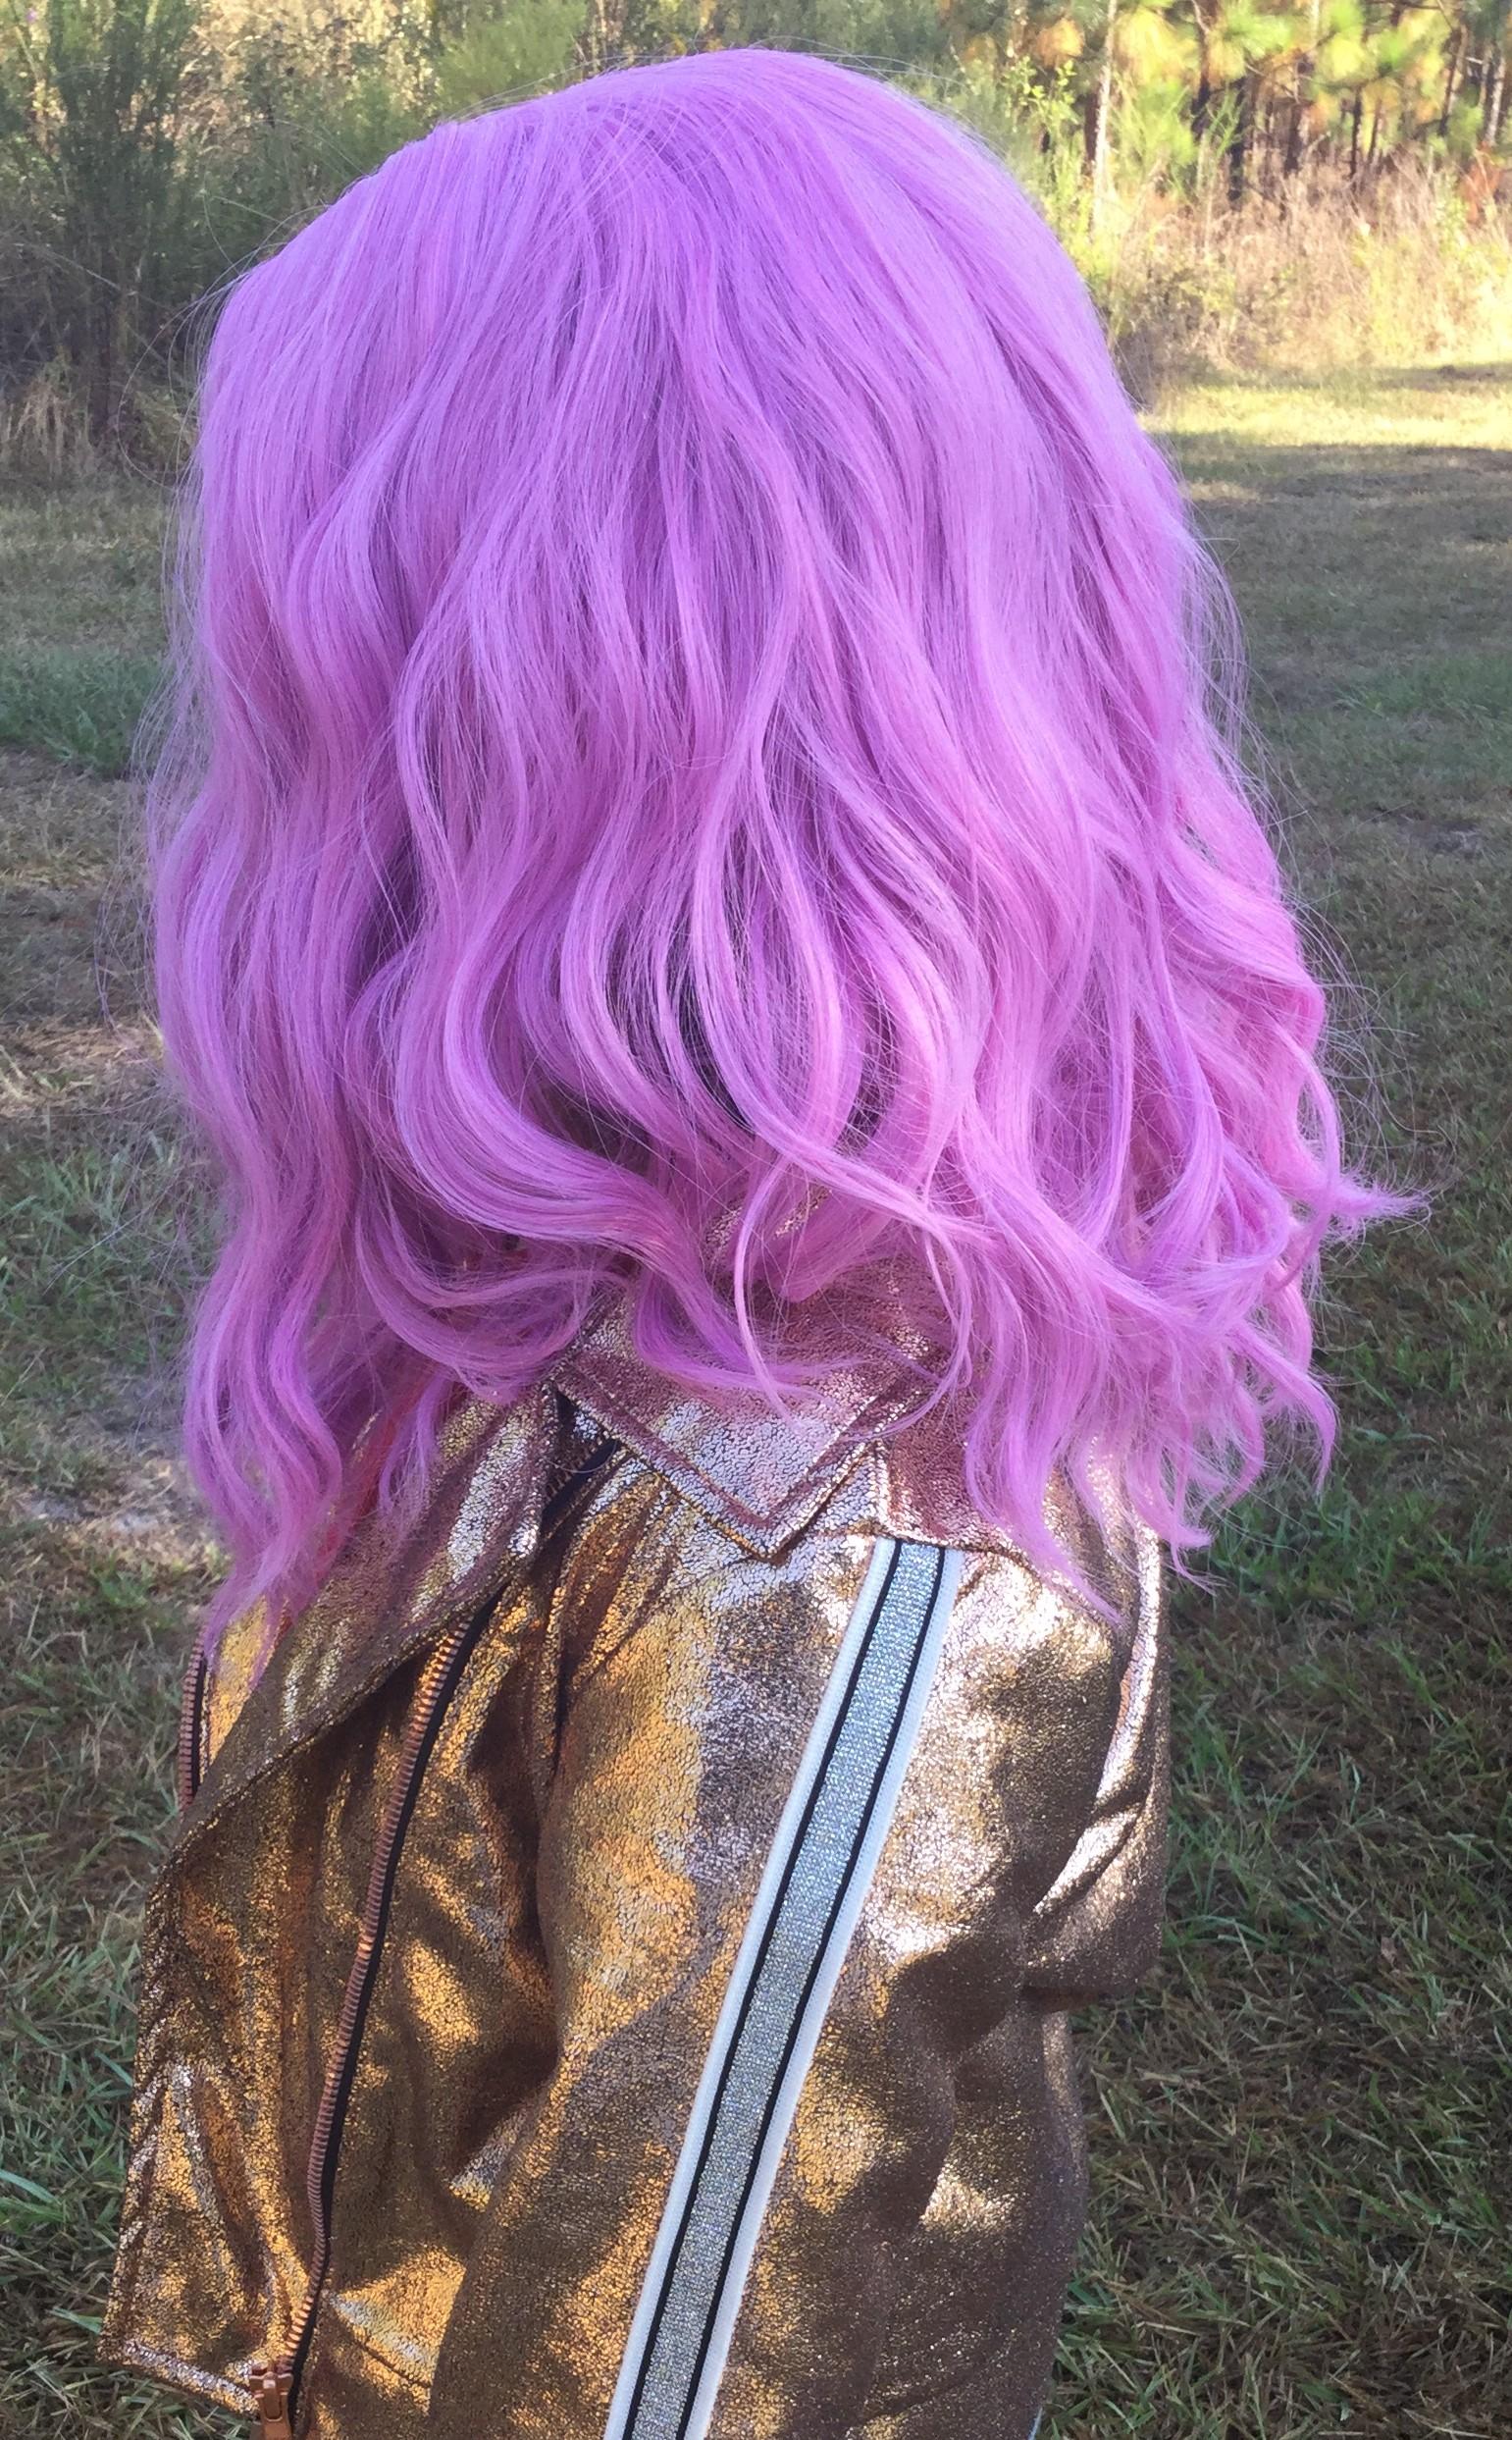 very pretty wig